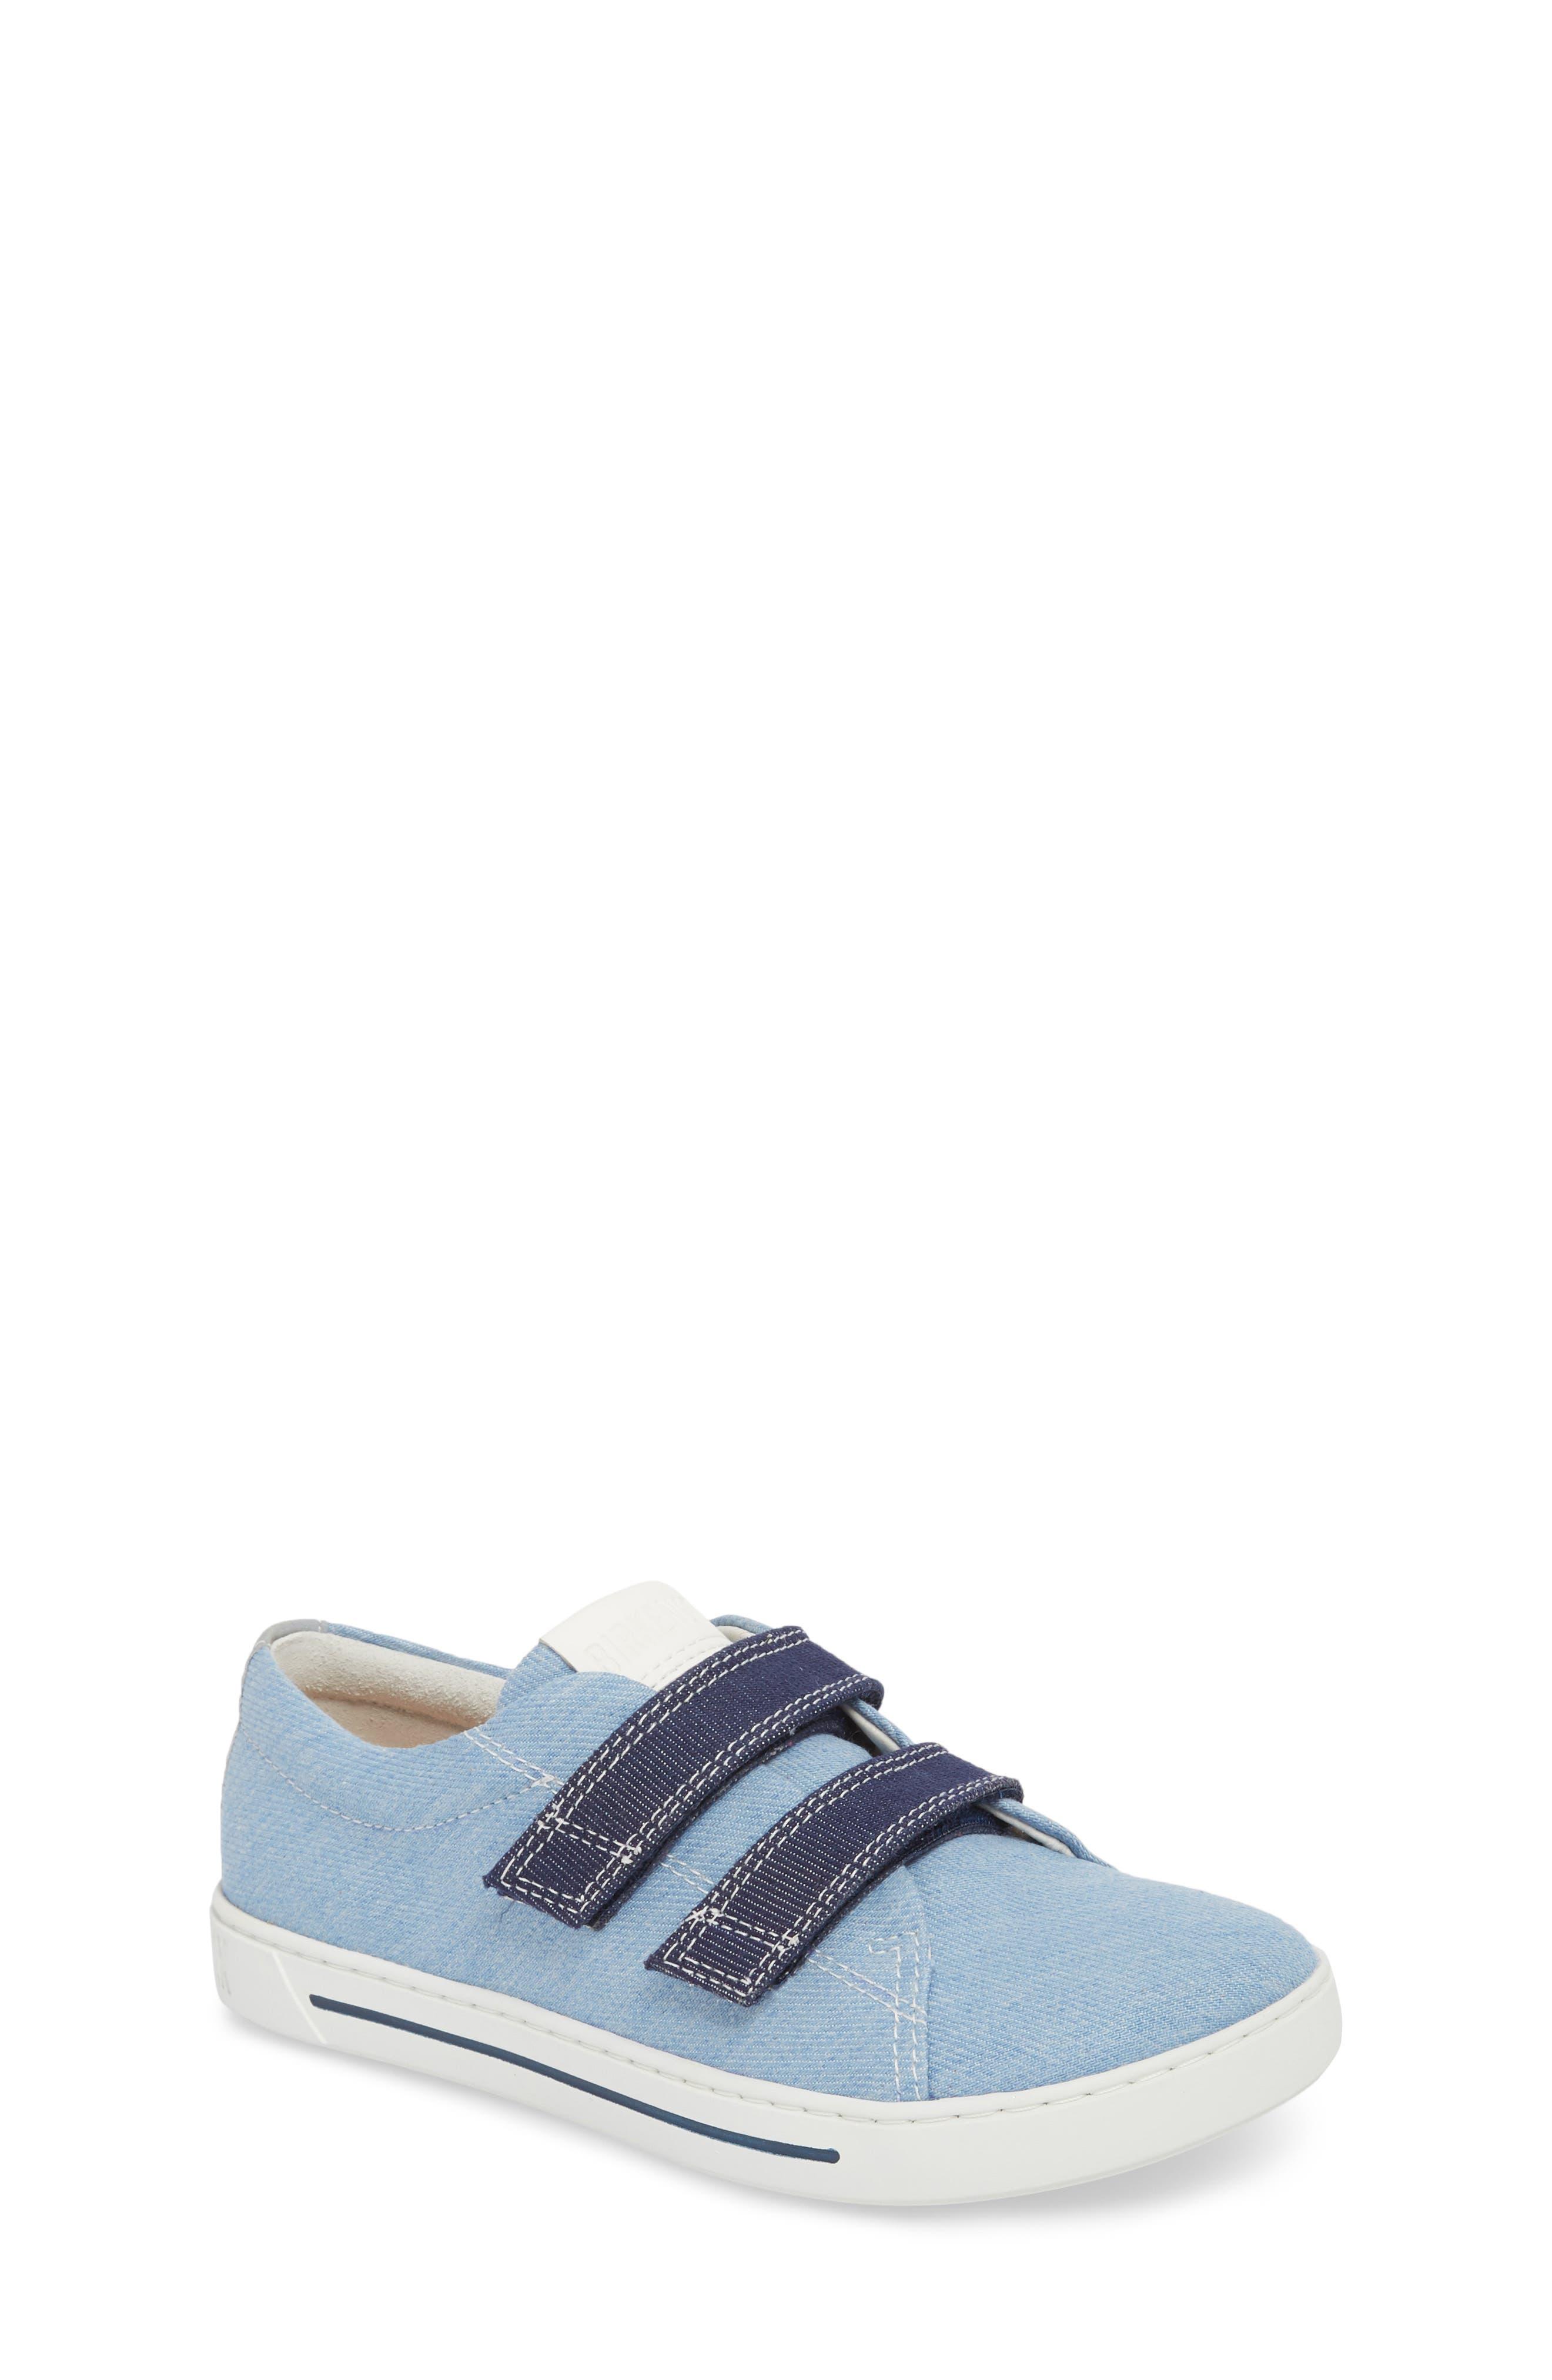 Arran Sneaker,                         Main,                         color, 400